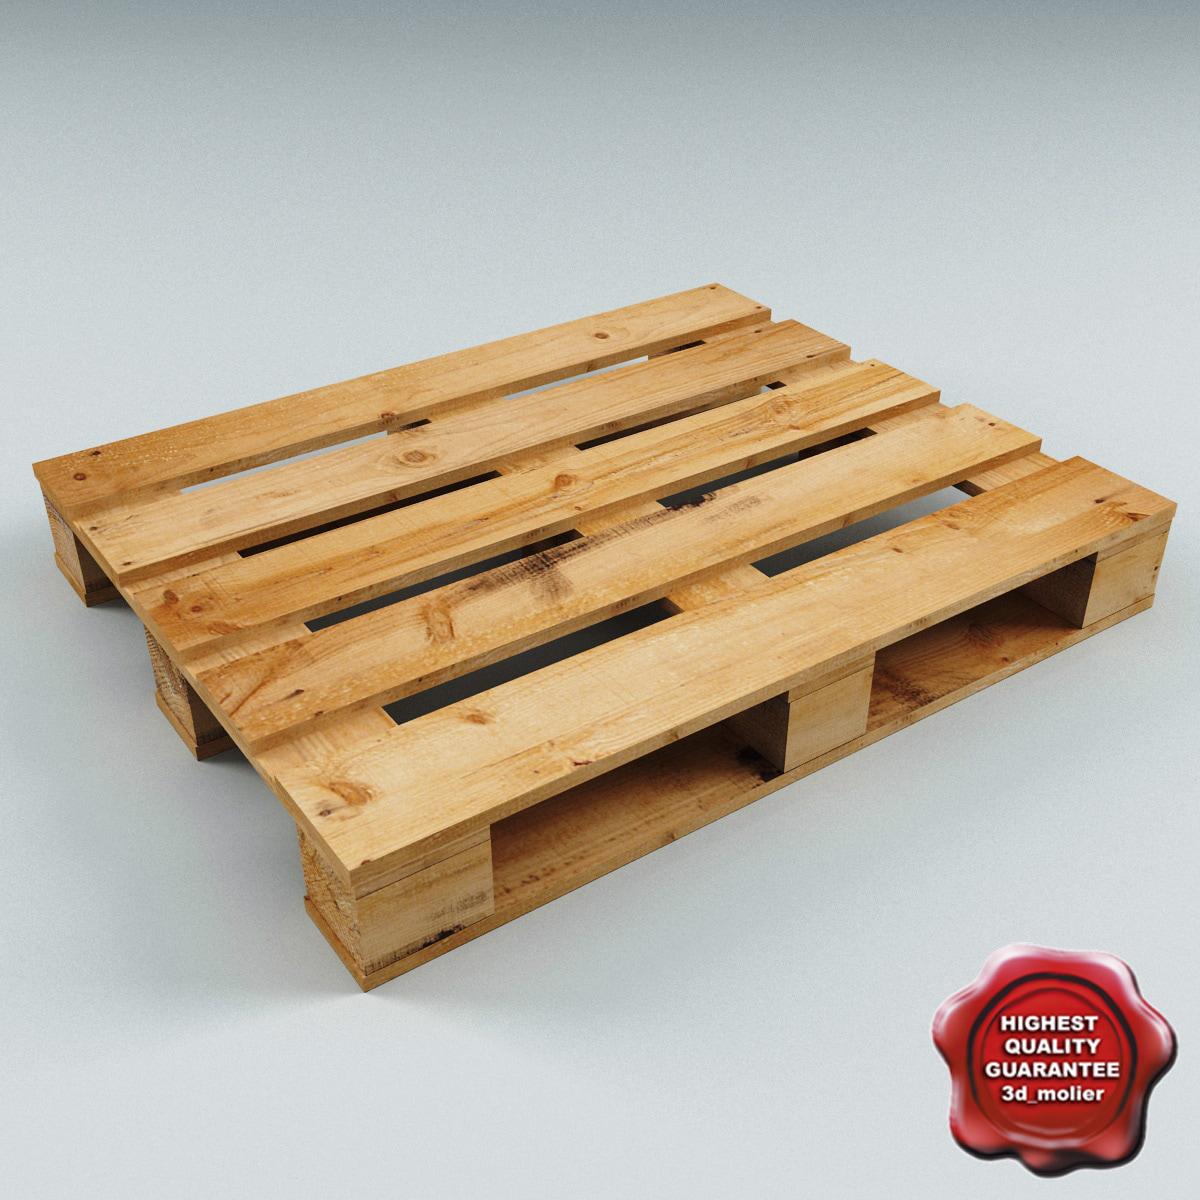 Wood_Pallet_0.jpg